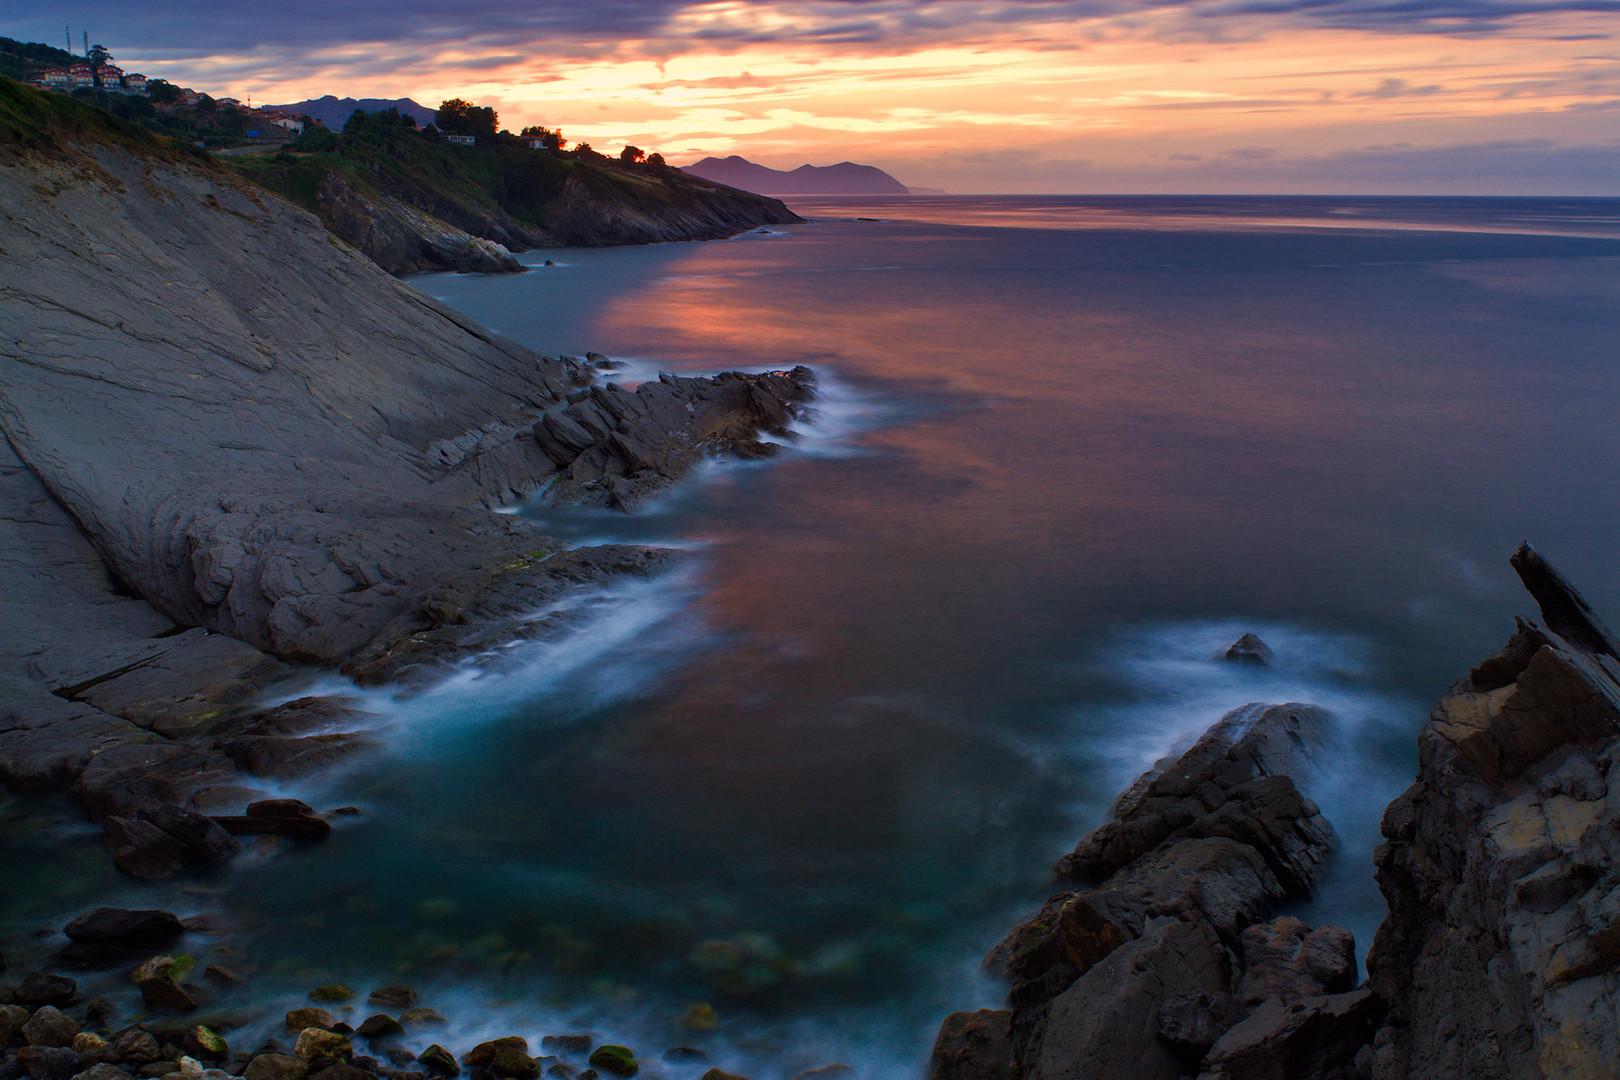 Atardecer en la costa de Cantabria